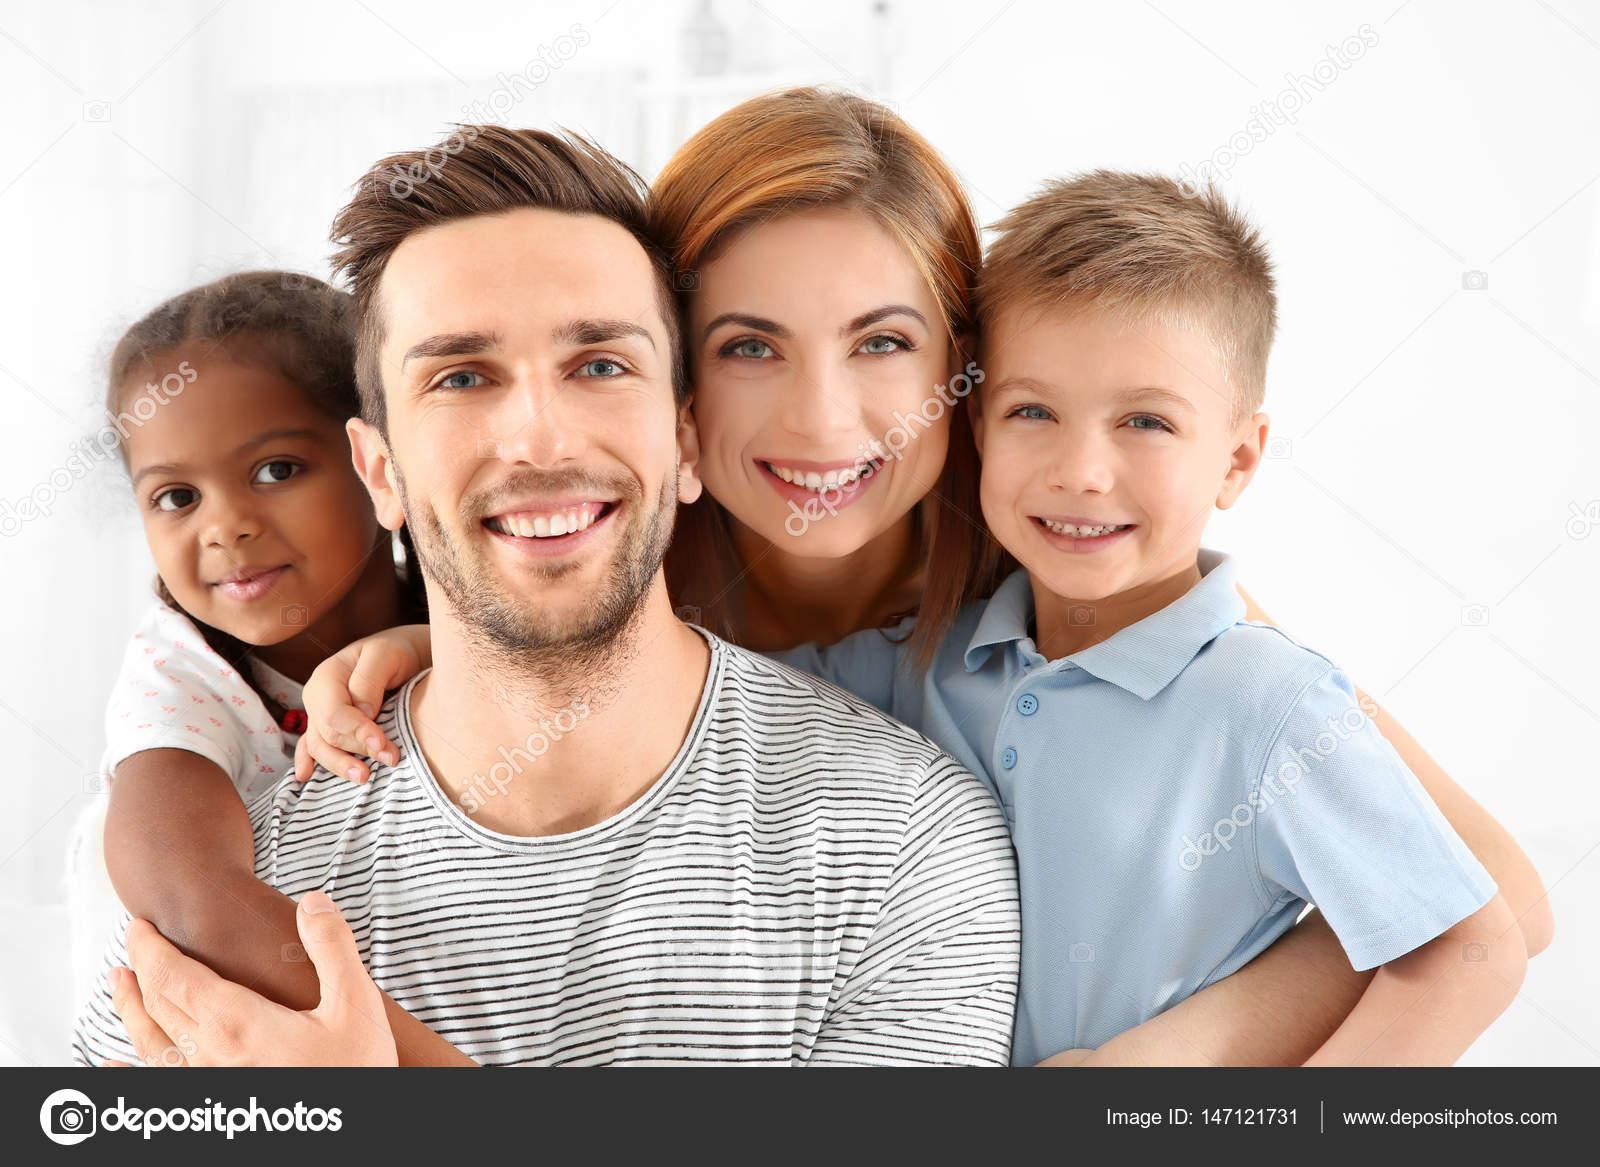 Interracial family photos for